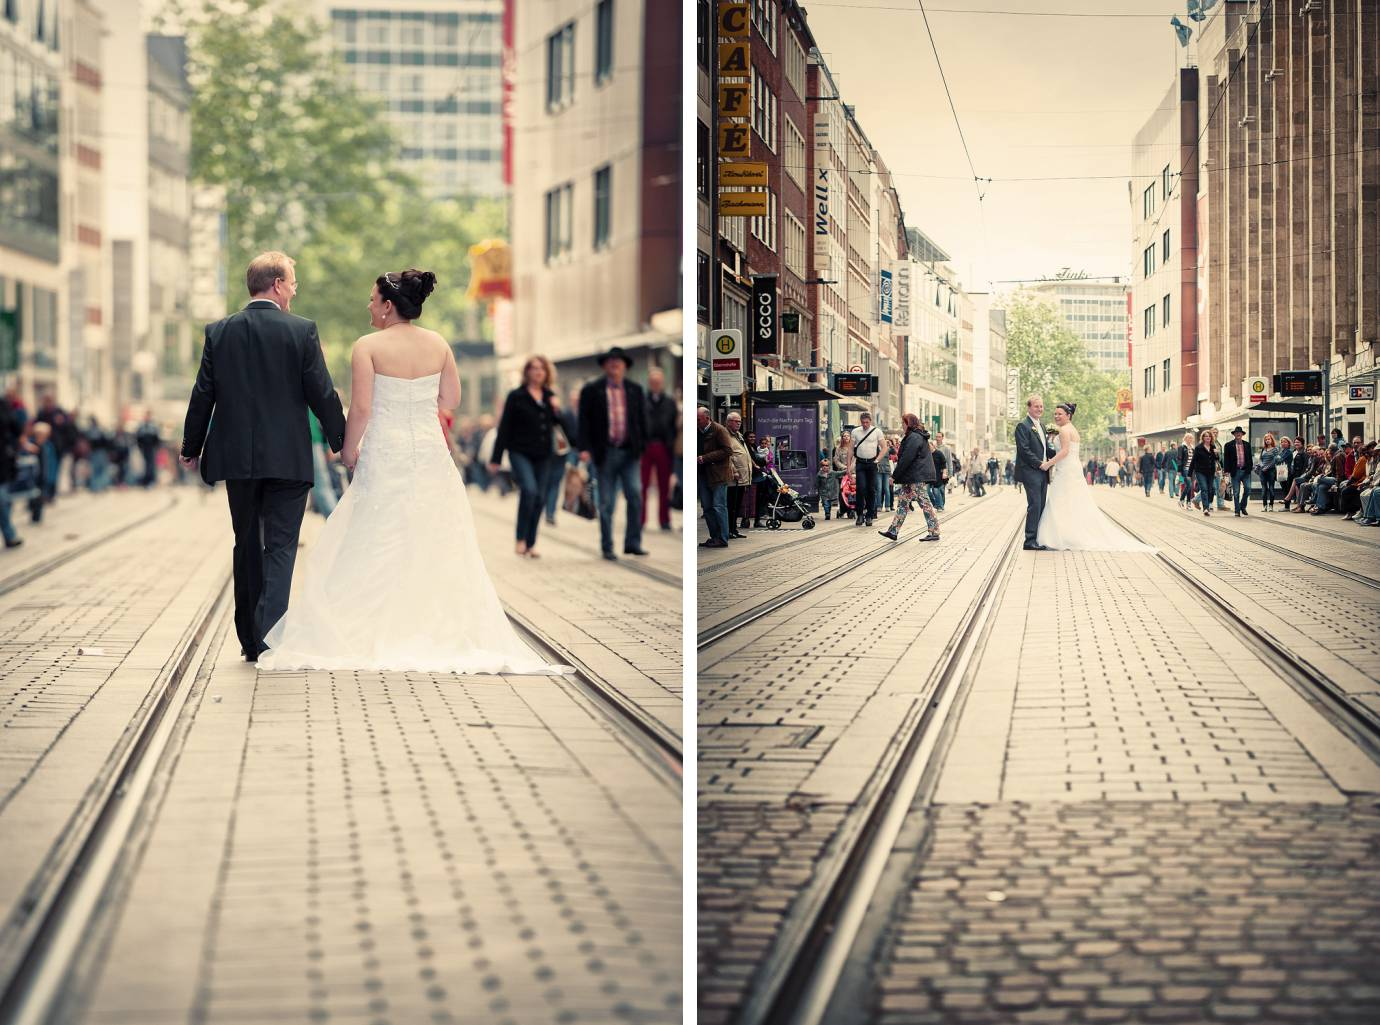 hochzeitsfotograf bremen 073 - Mareike+Lasse